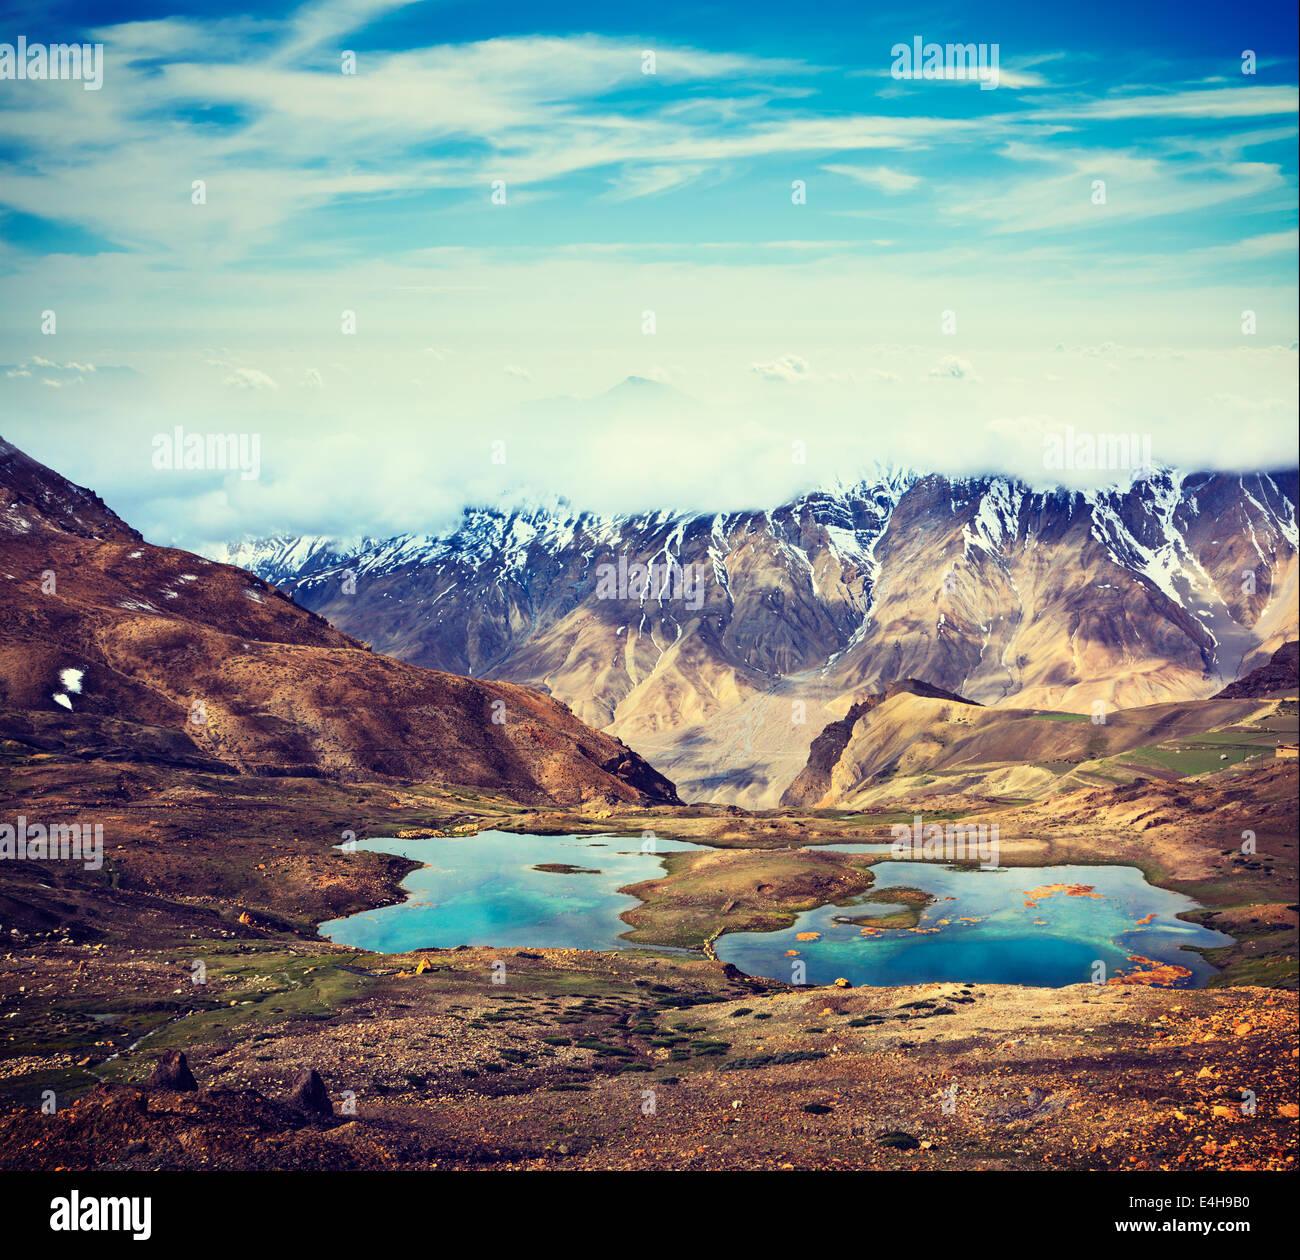 Effet Retro Vintage style hipster image filtrée voyage de lacs de montagne dans la vallée de Spiti dans Photo Stock